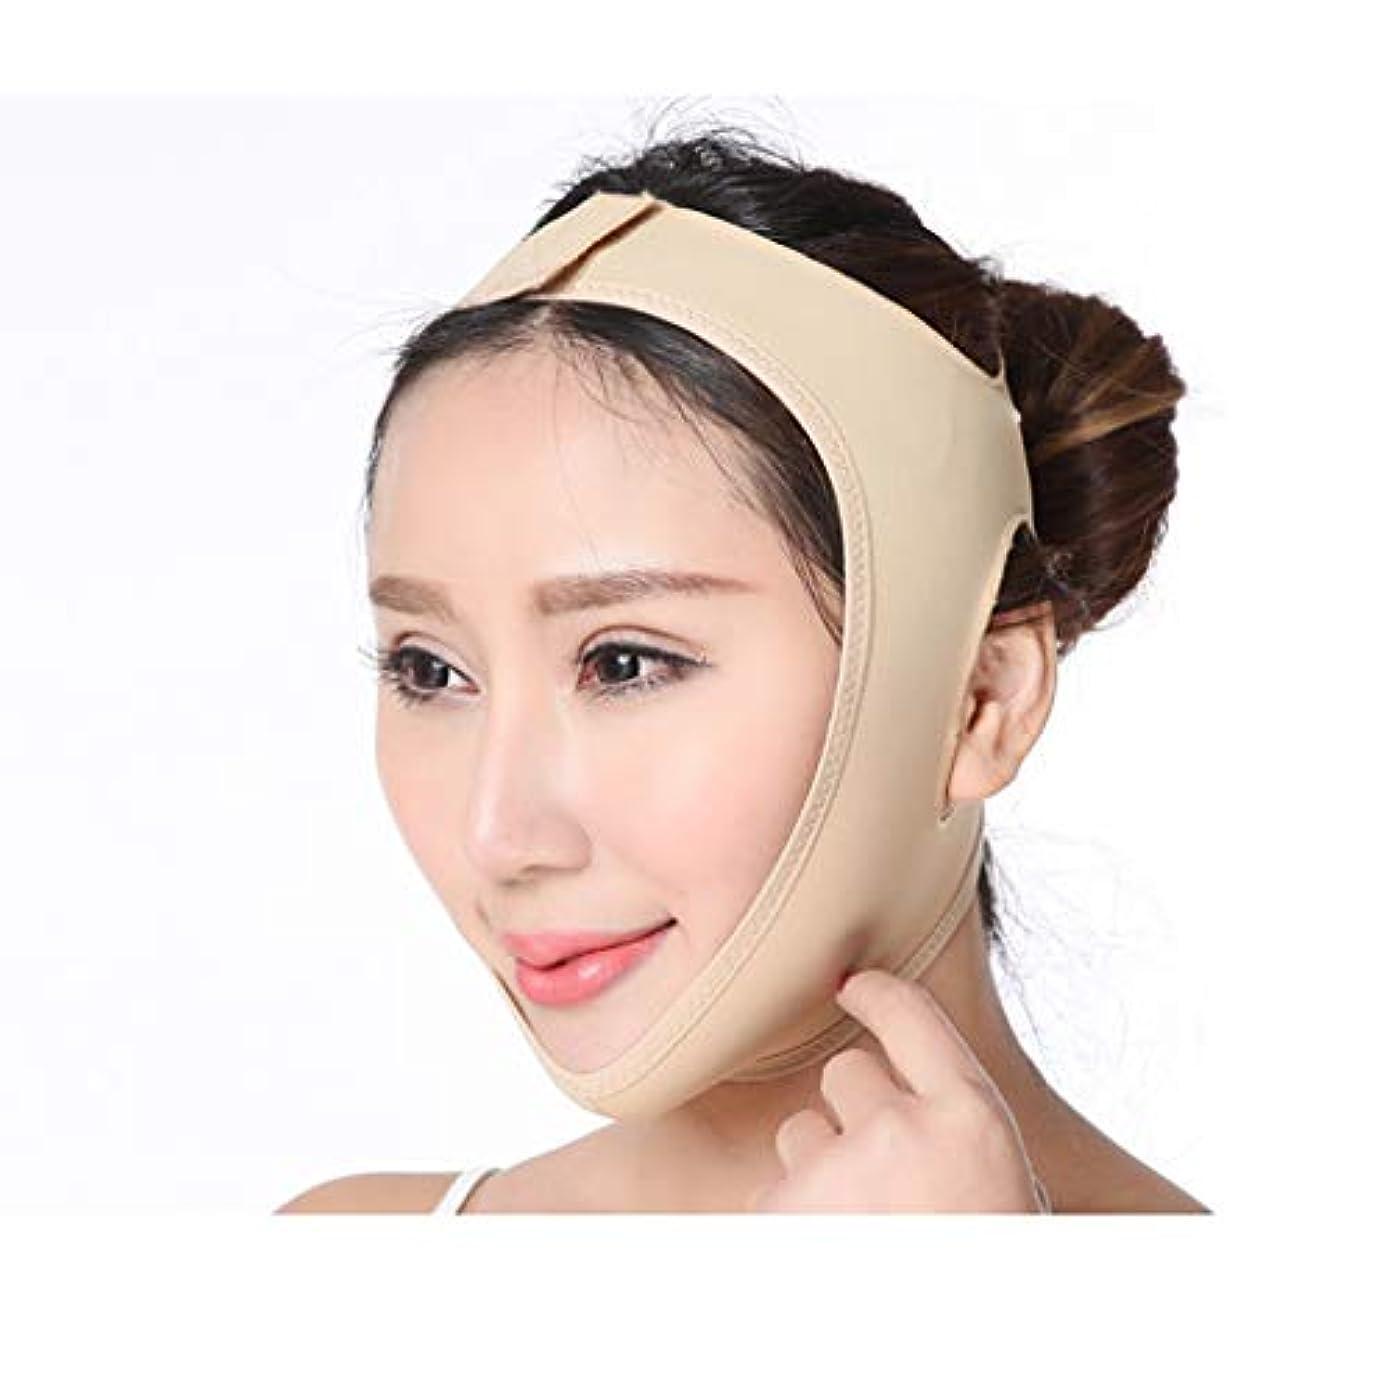 同化カートンドナー顔リフティング包帯 V 顔楽器顔マスク顔リフティング引き締め